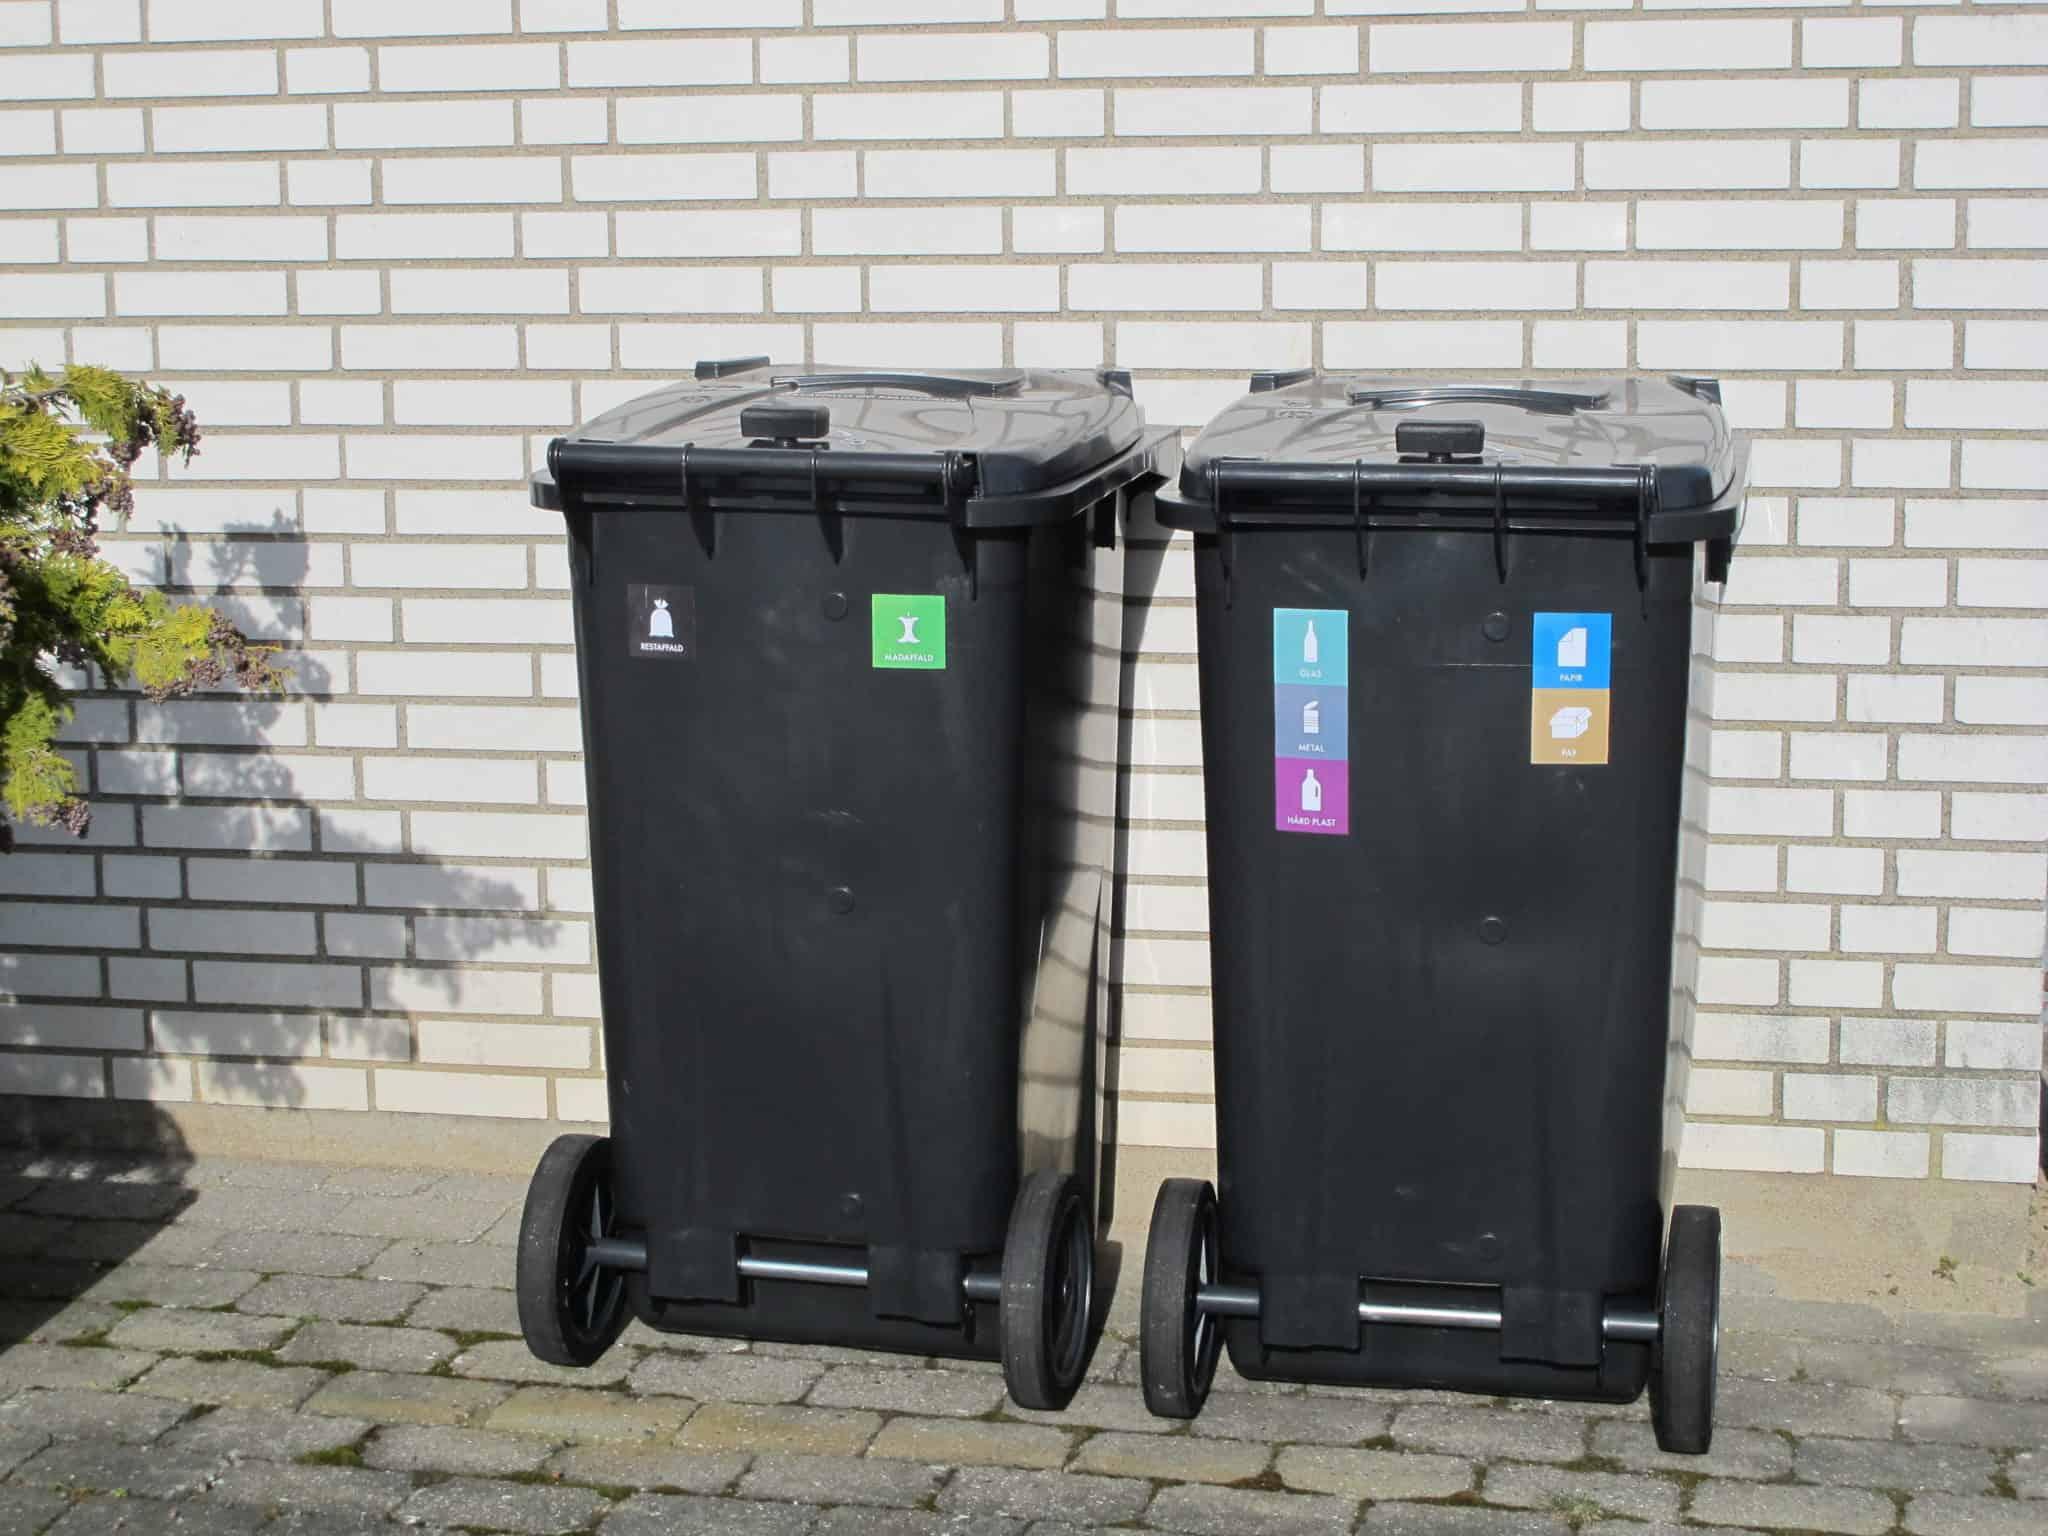 Sorteret affald bliver ikke blandet igen, lover skraldefirma